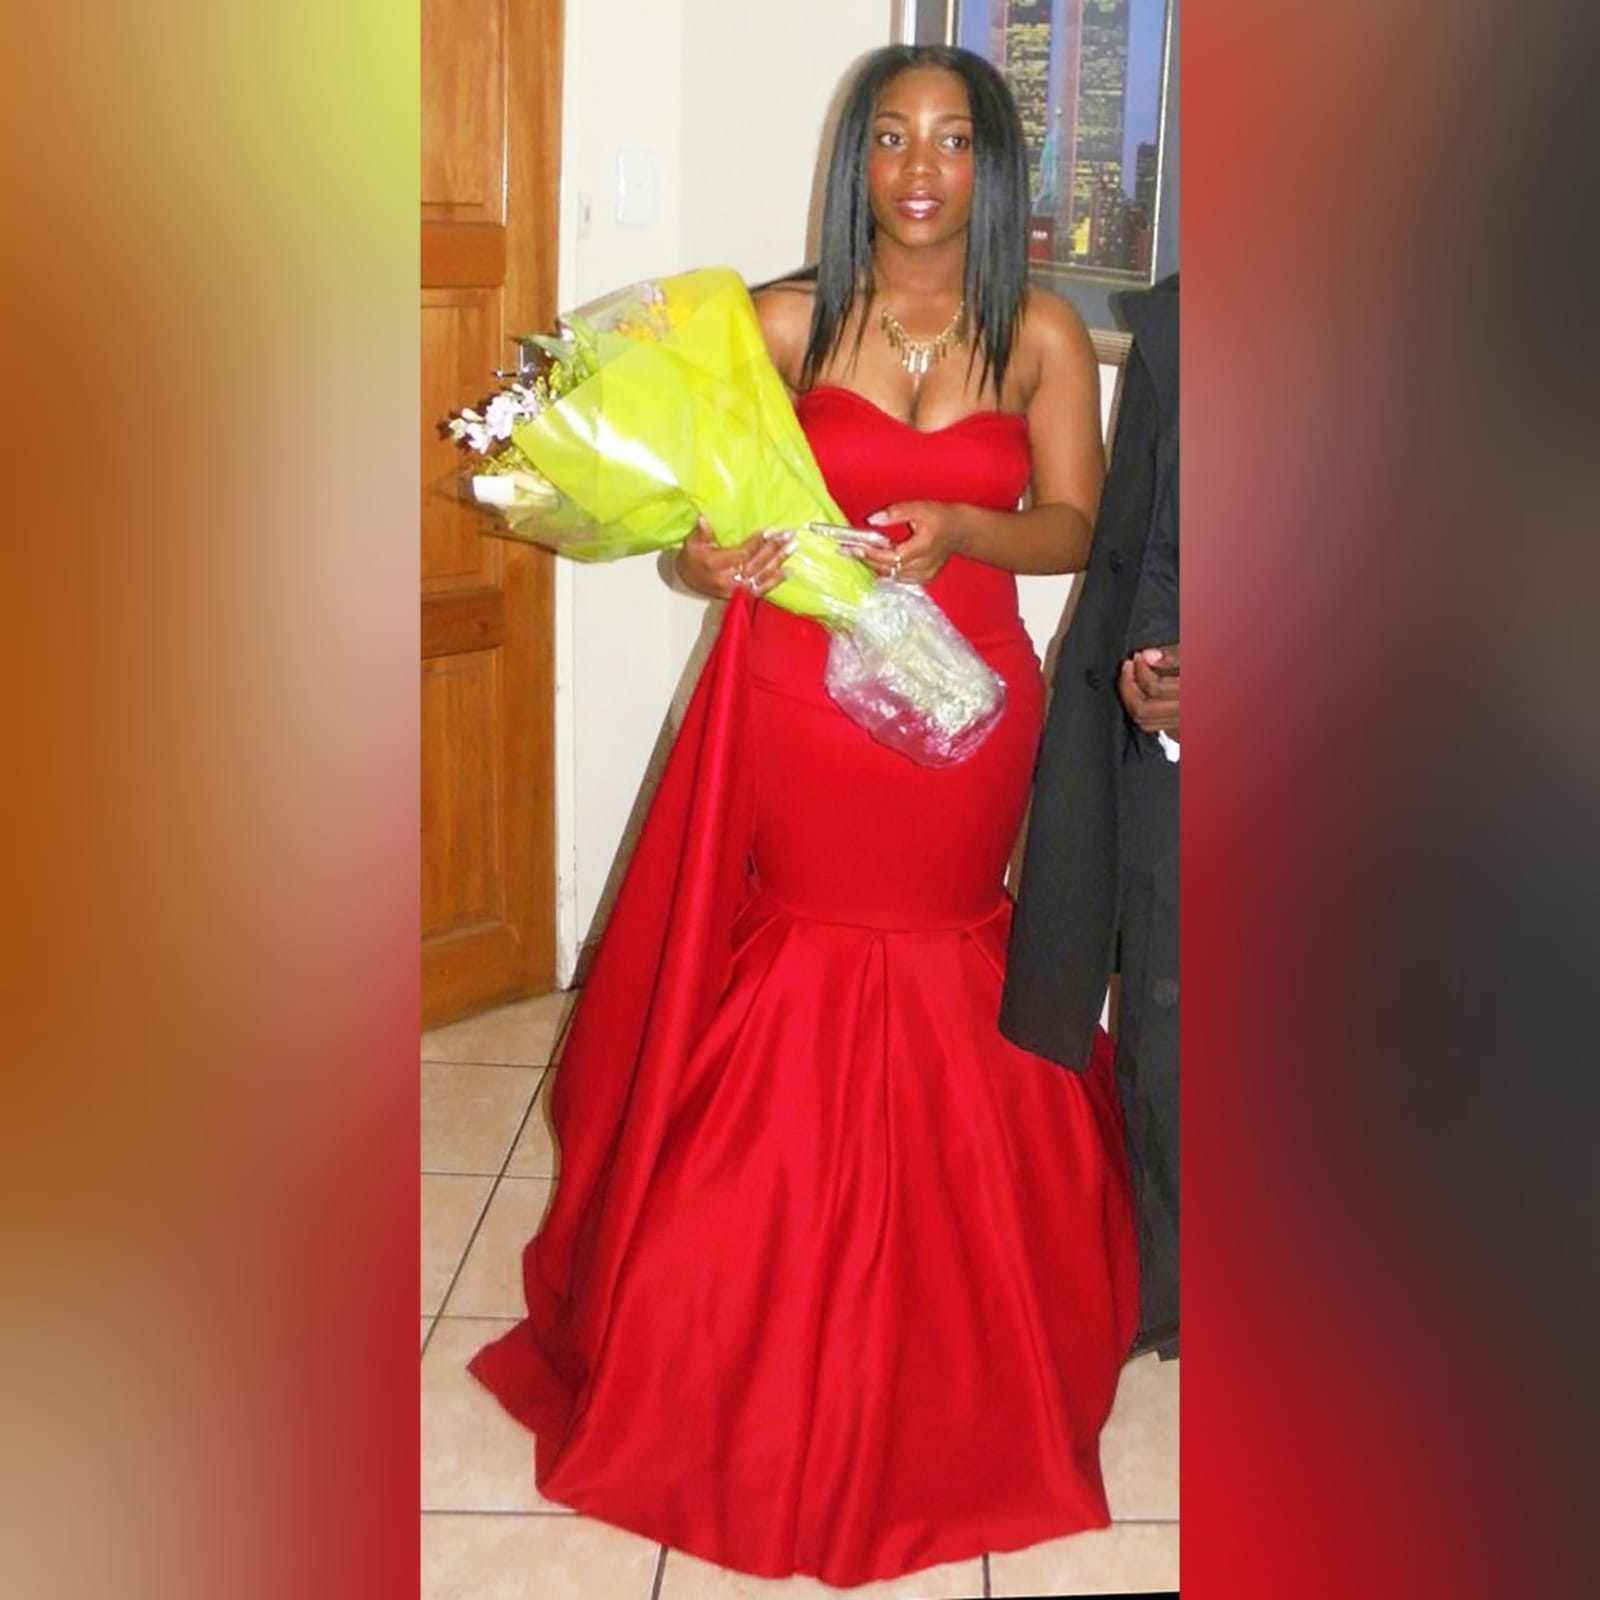 Vestido caicai sereia vermelho de finalistas 5 vestido caicai sereia vermelho de finalistas com um decote coração e fundo com volume e uma cauda